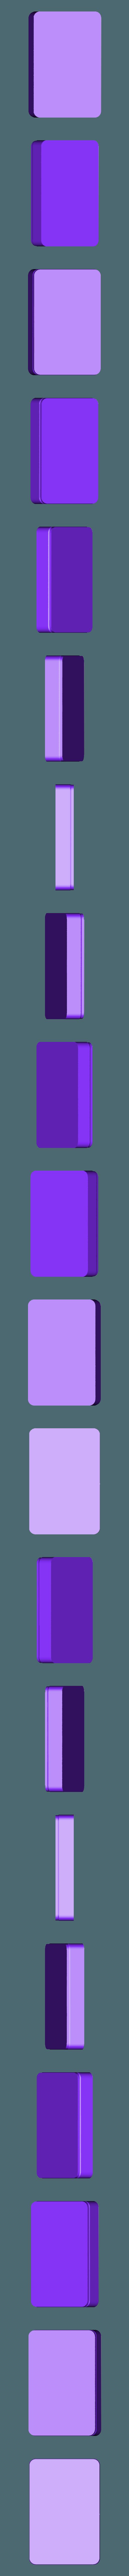 002.stl Télécharger fichier STL gratuit Parametric Stackable Boxes with Grasshopper télécharger gratuitement le paramètre • Modèle imprimable en 3D, Othmane